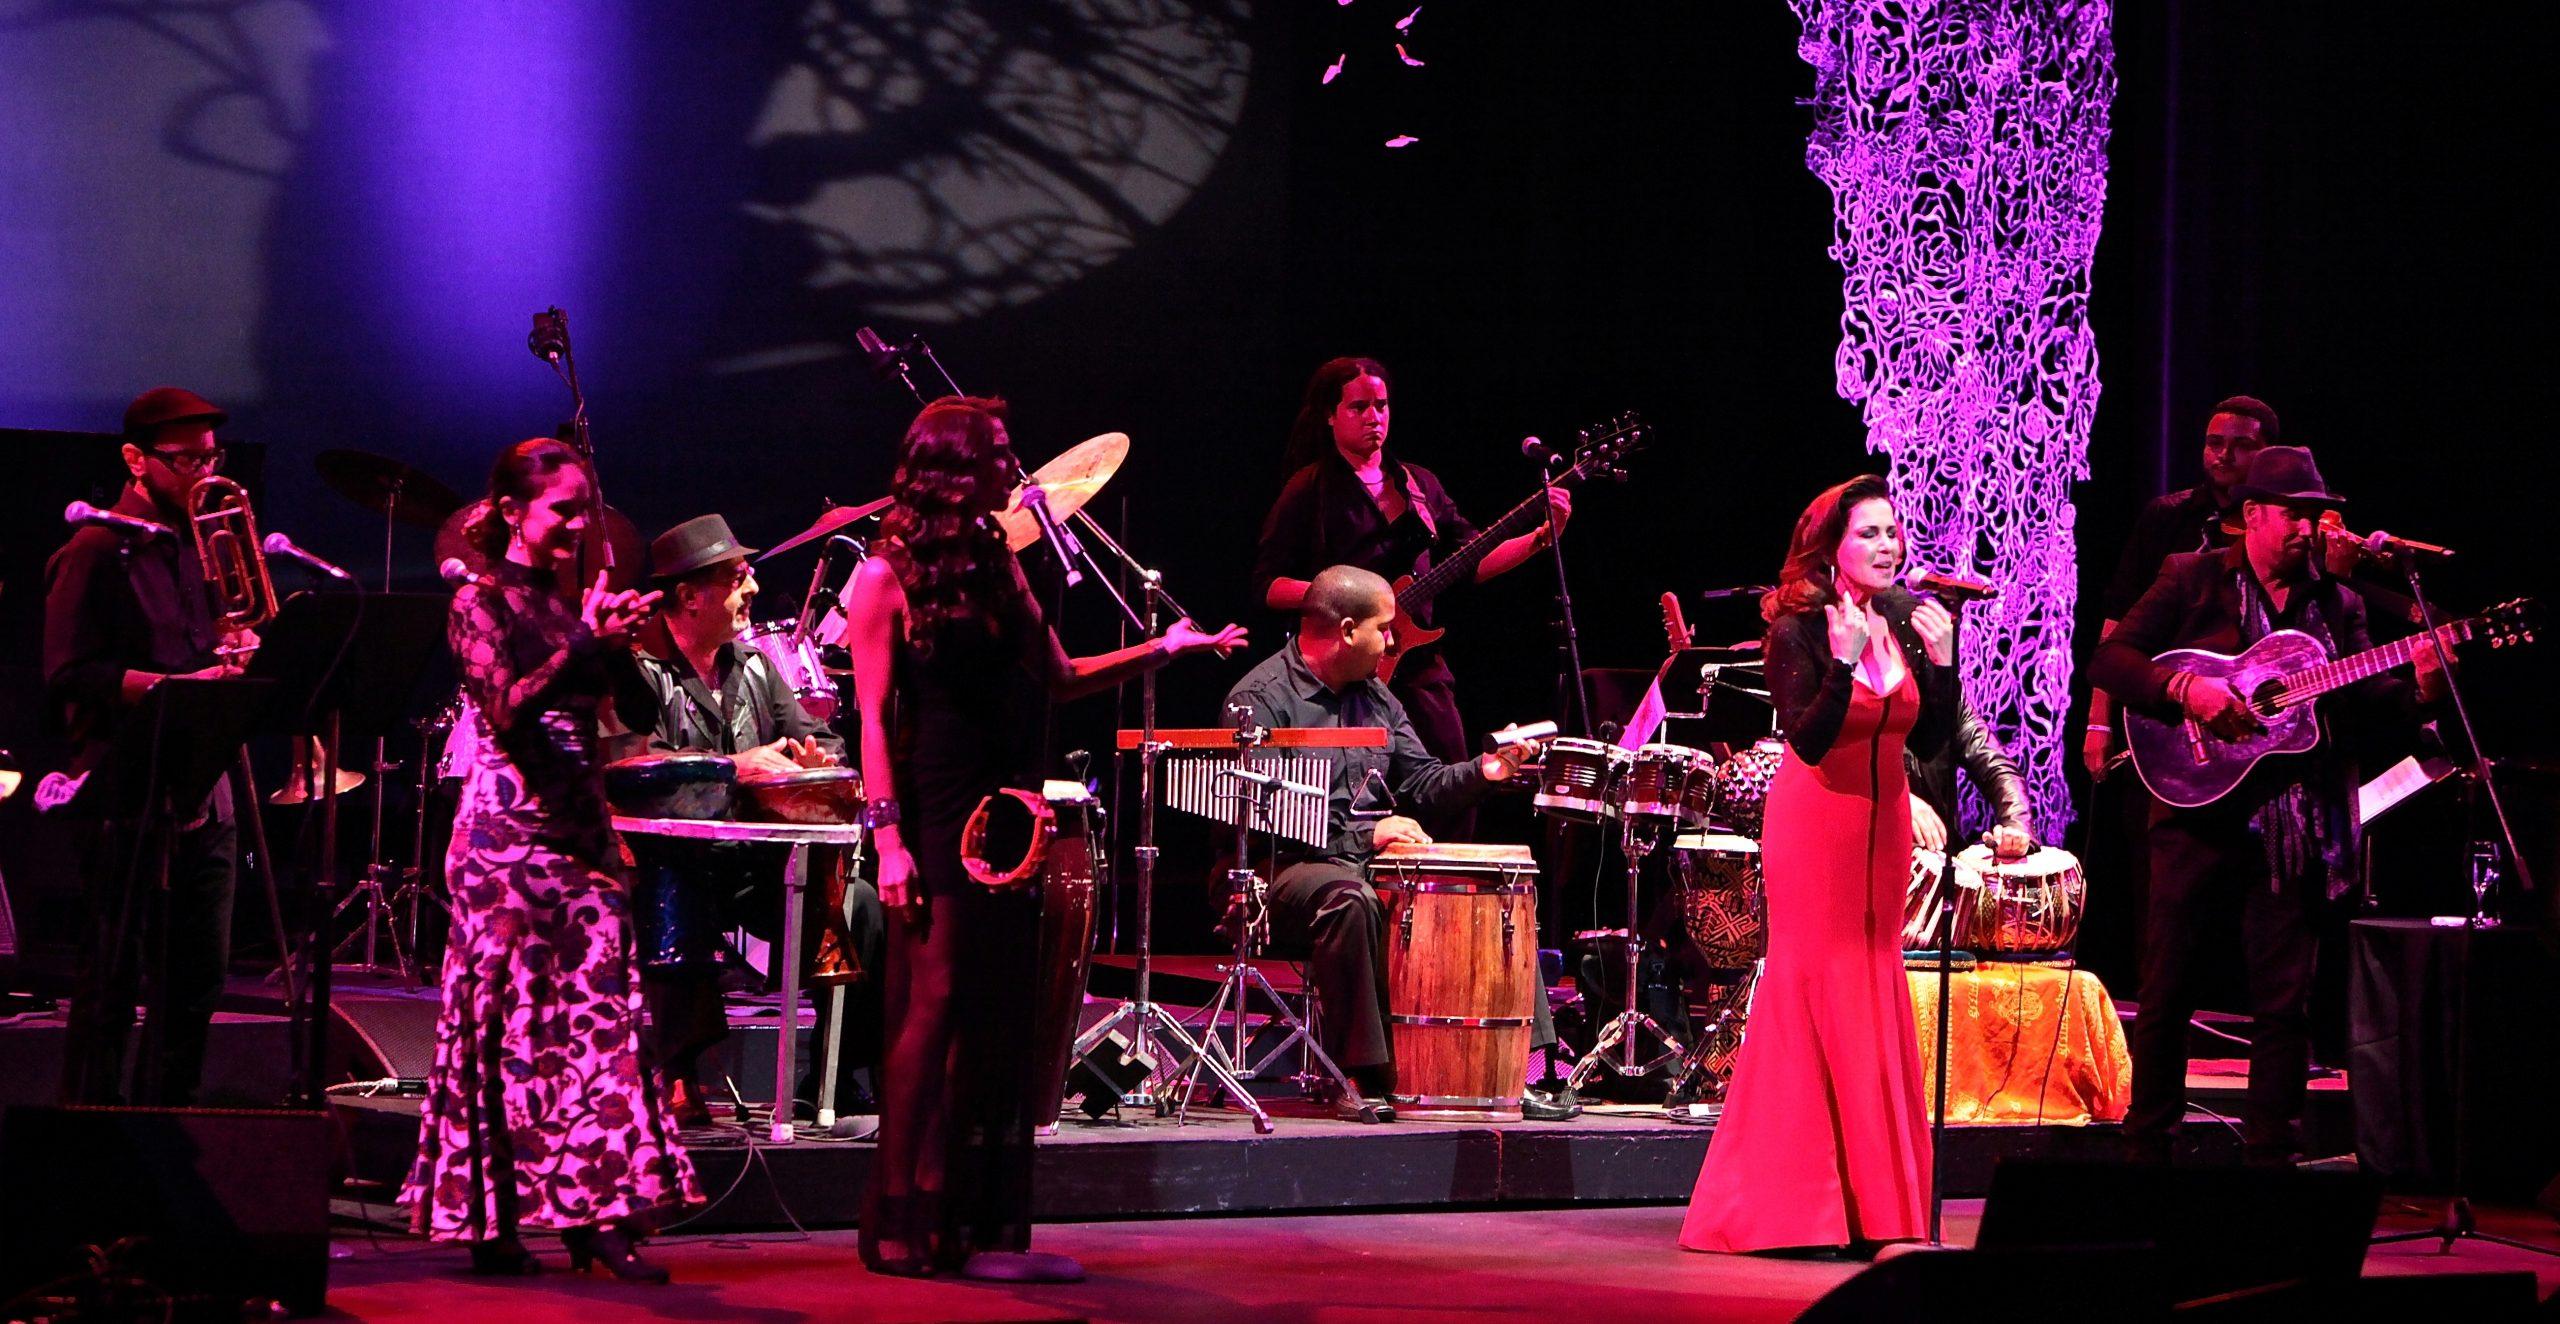 Fusión Jomda fue el grupo invitado especial de Nydia Caro el pasado mayo en su concierto en la Sala Antonio Paoli del Centro de Bellas Artes. (Foto Rafi Claudio)